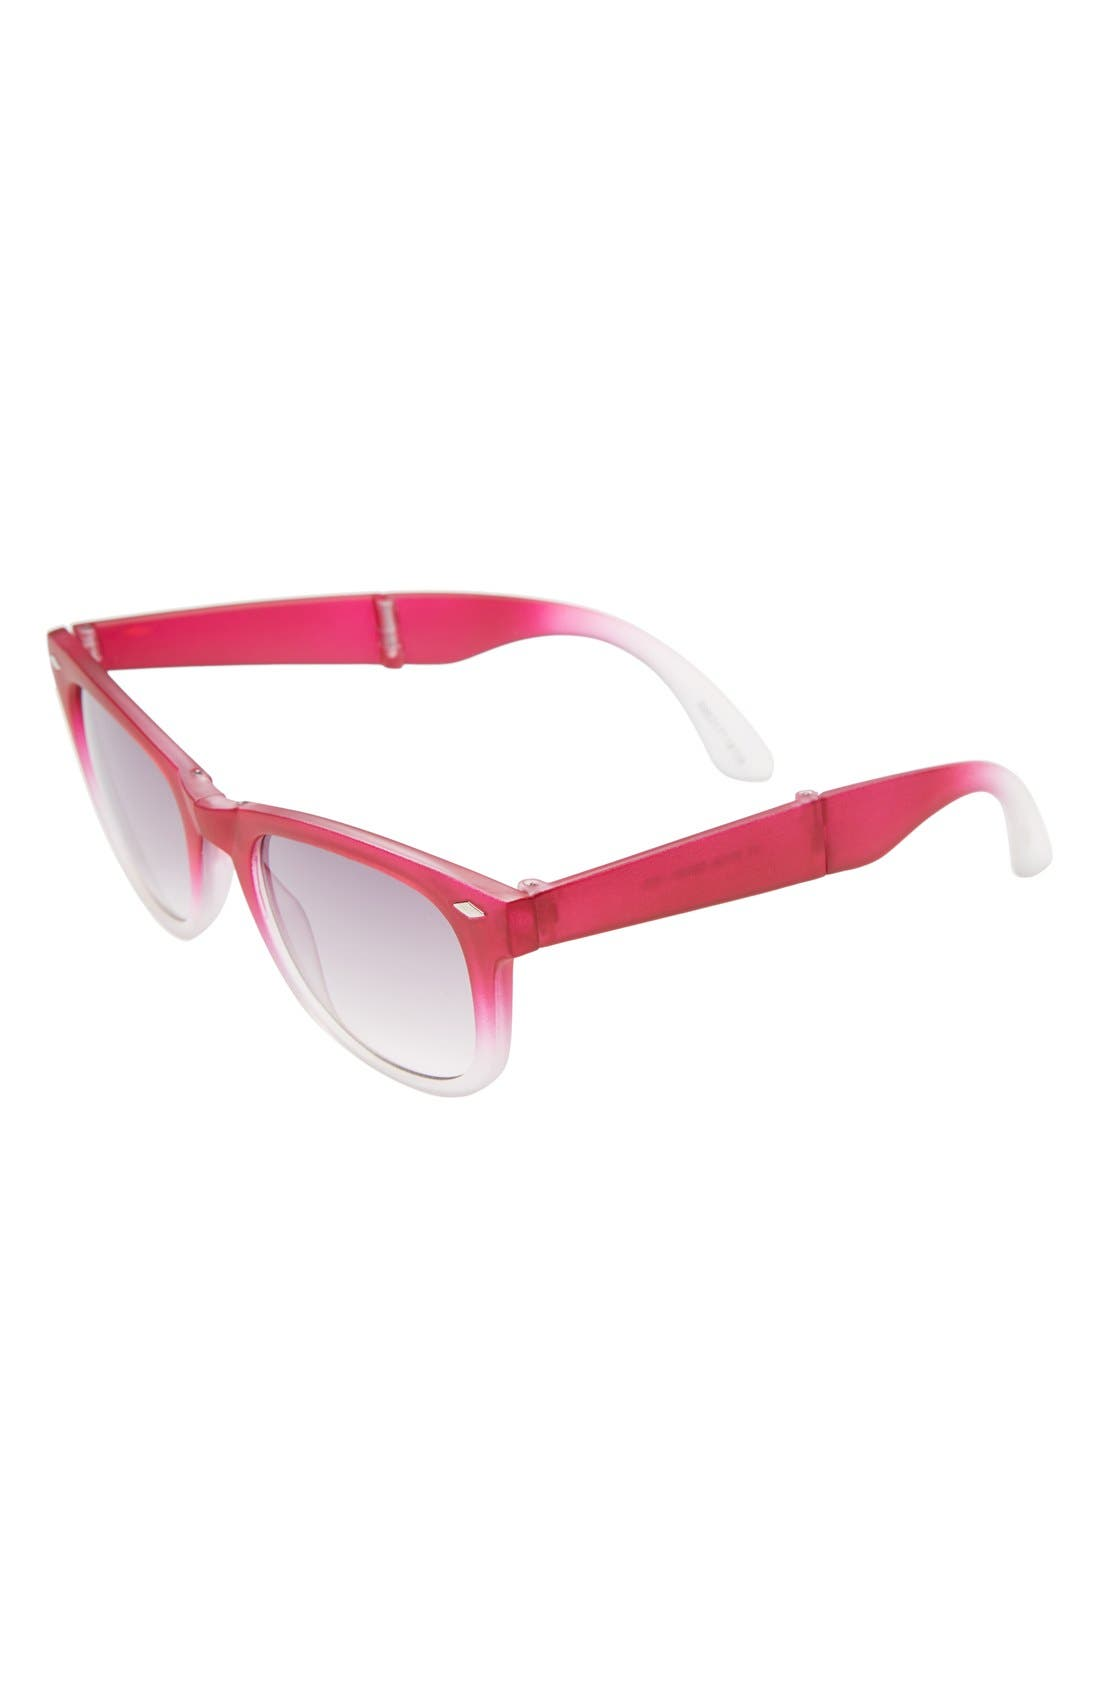 Alternate Image 1 Selected - Icon Eyewear 75mm Foldable Sunglasses (Girls)